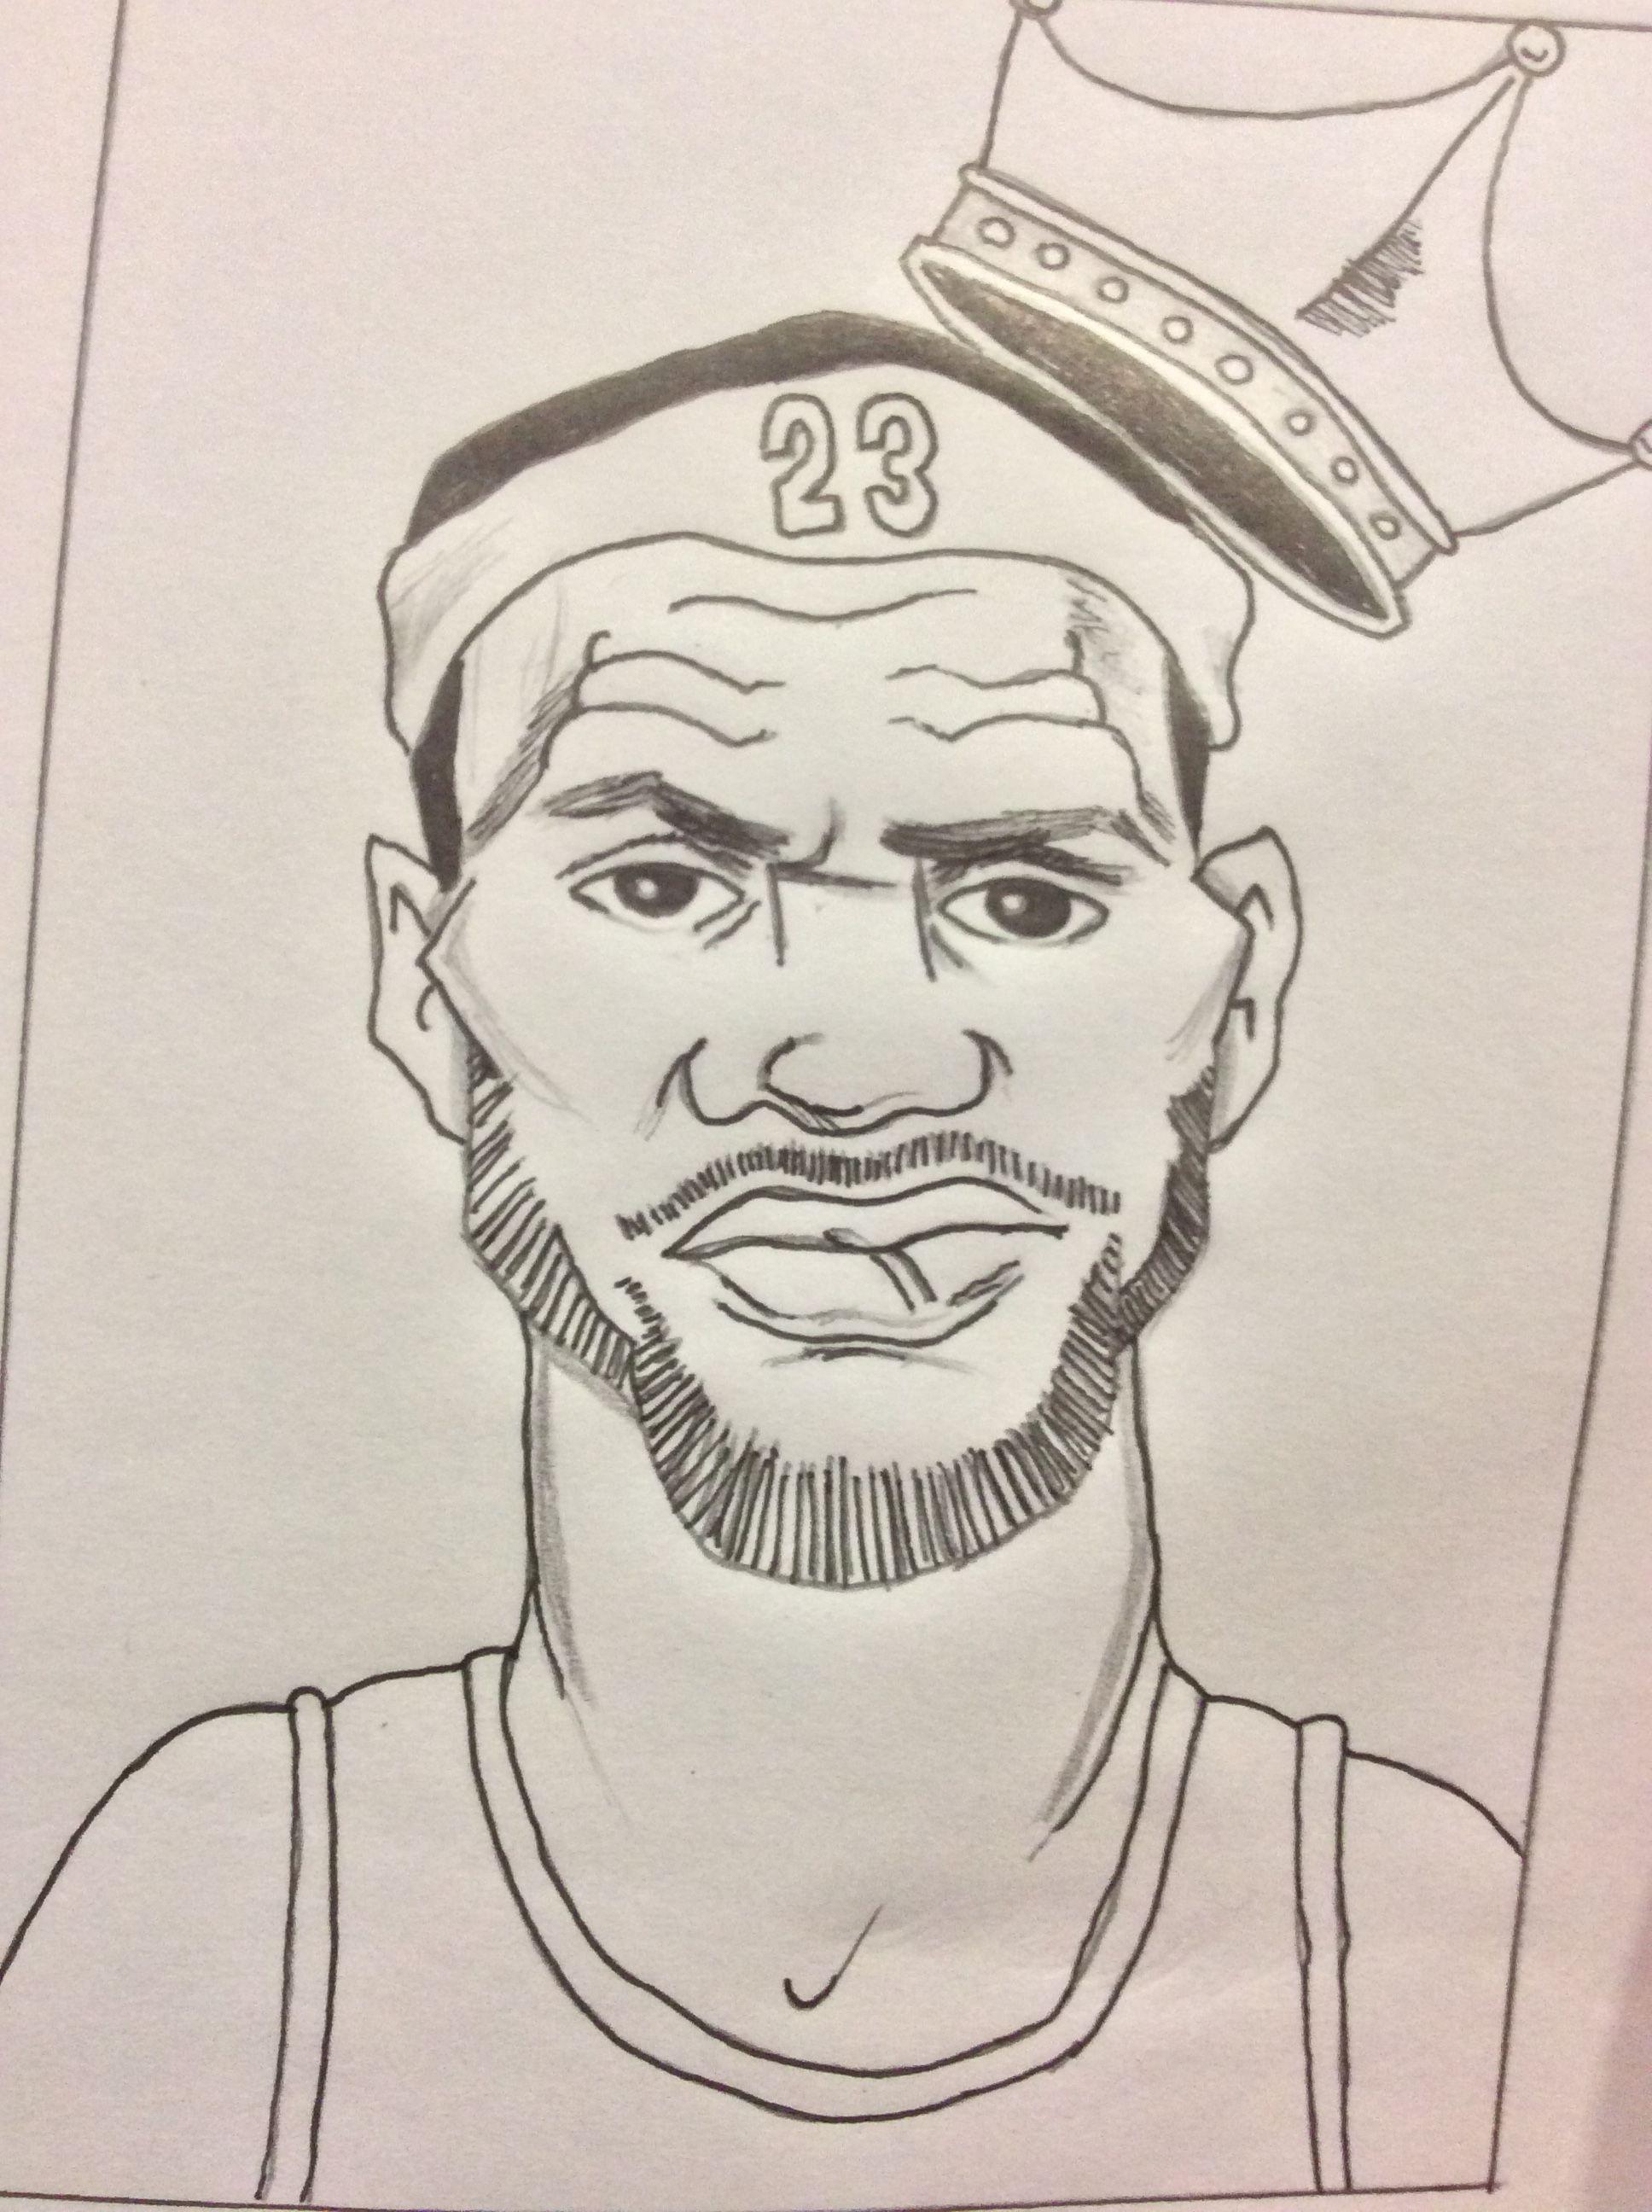 Lebron James The King Dibujos Jugadores De Baloncesto Dibujos A Lapiz